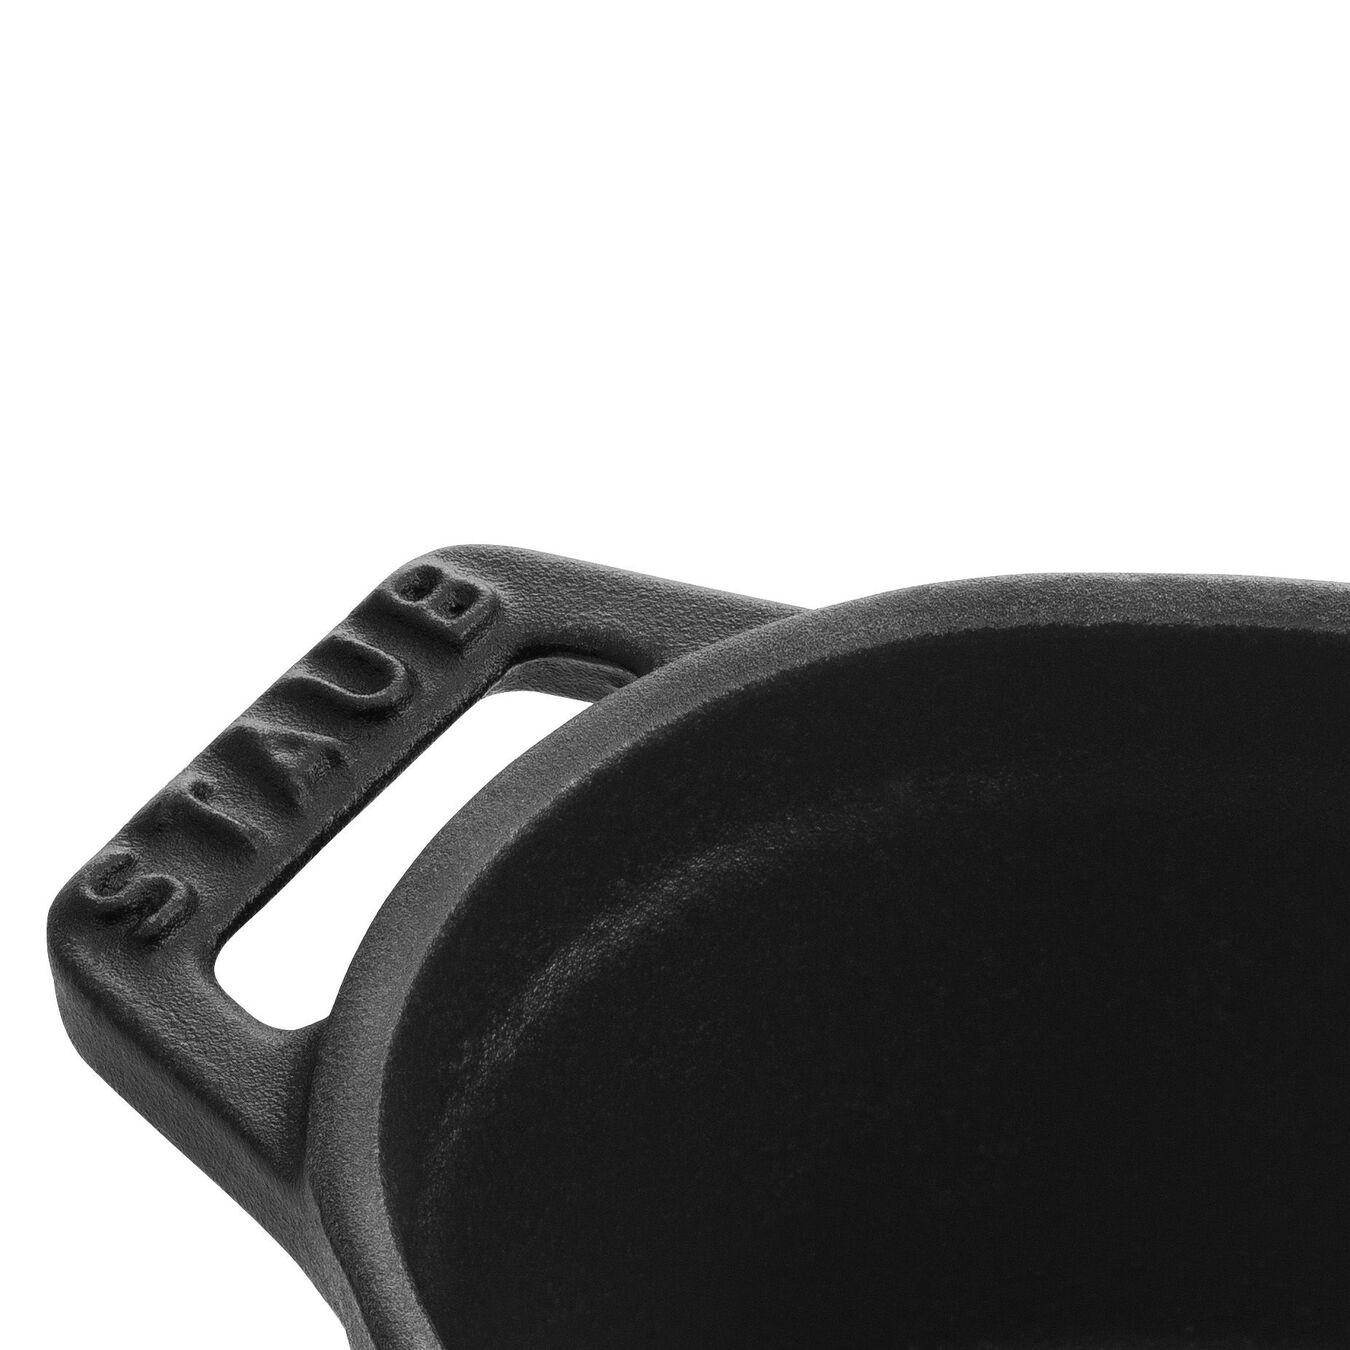 Mini Cocotte 11 cm, oval, Preto, Ferro fundido,,large 4